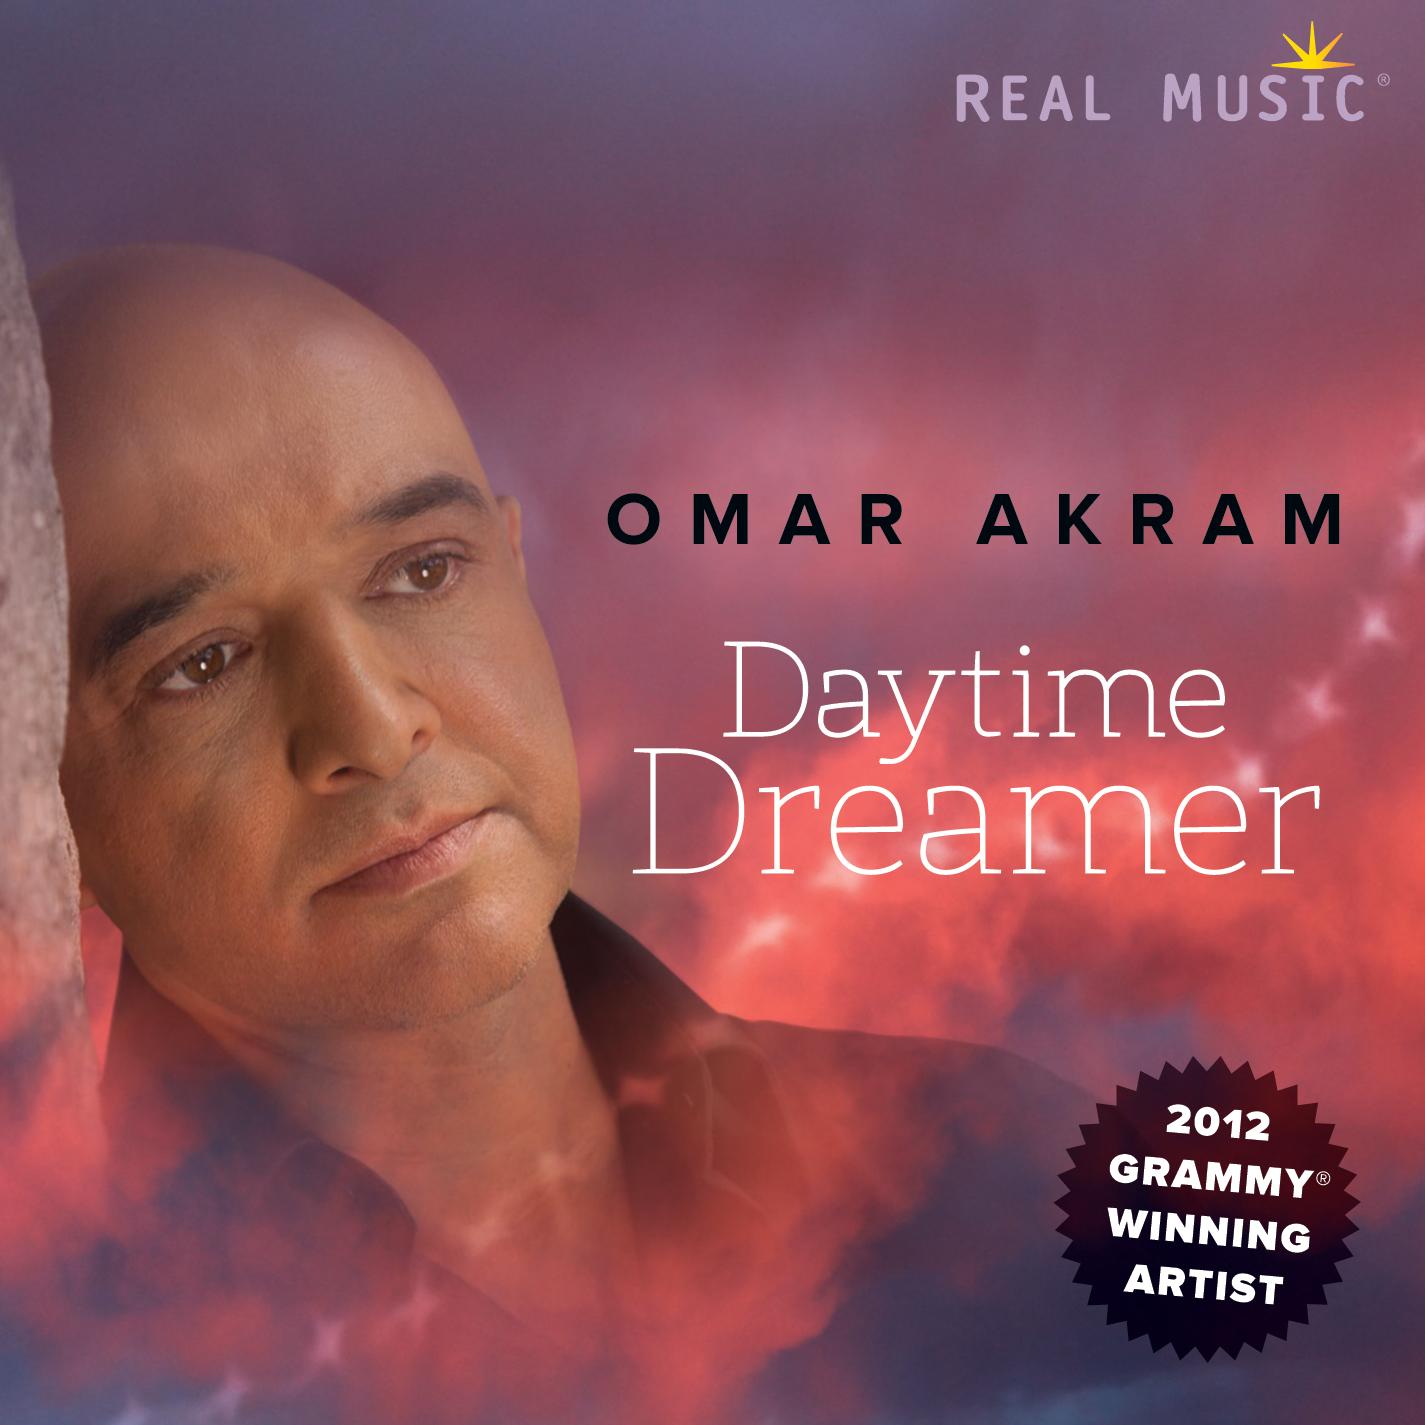 Daytime Dreamer   Omar Akram   Real Music